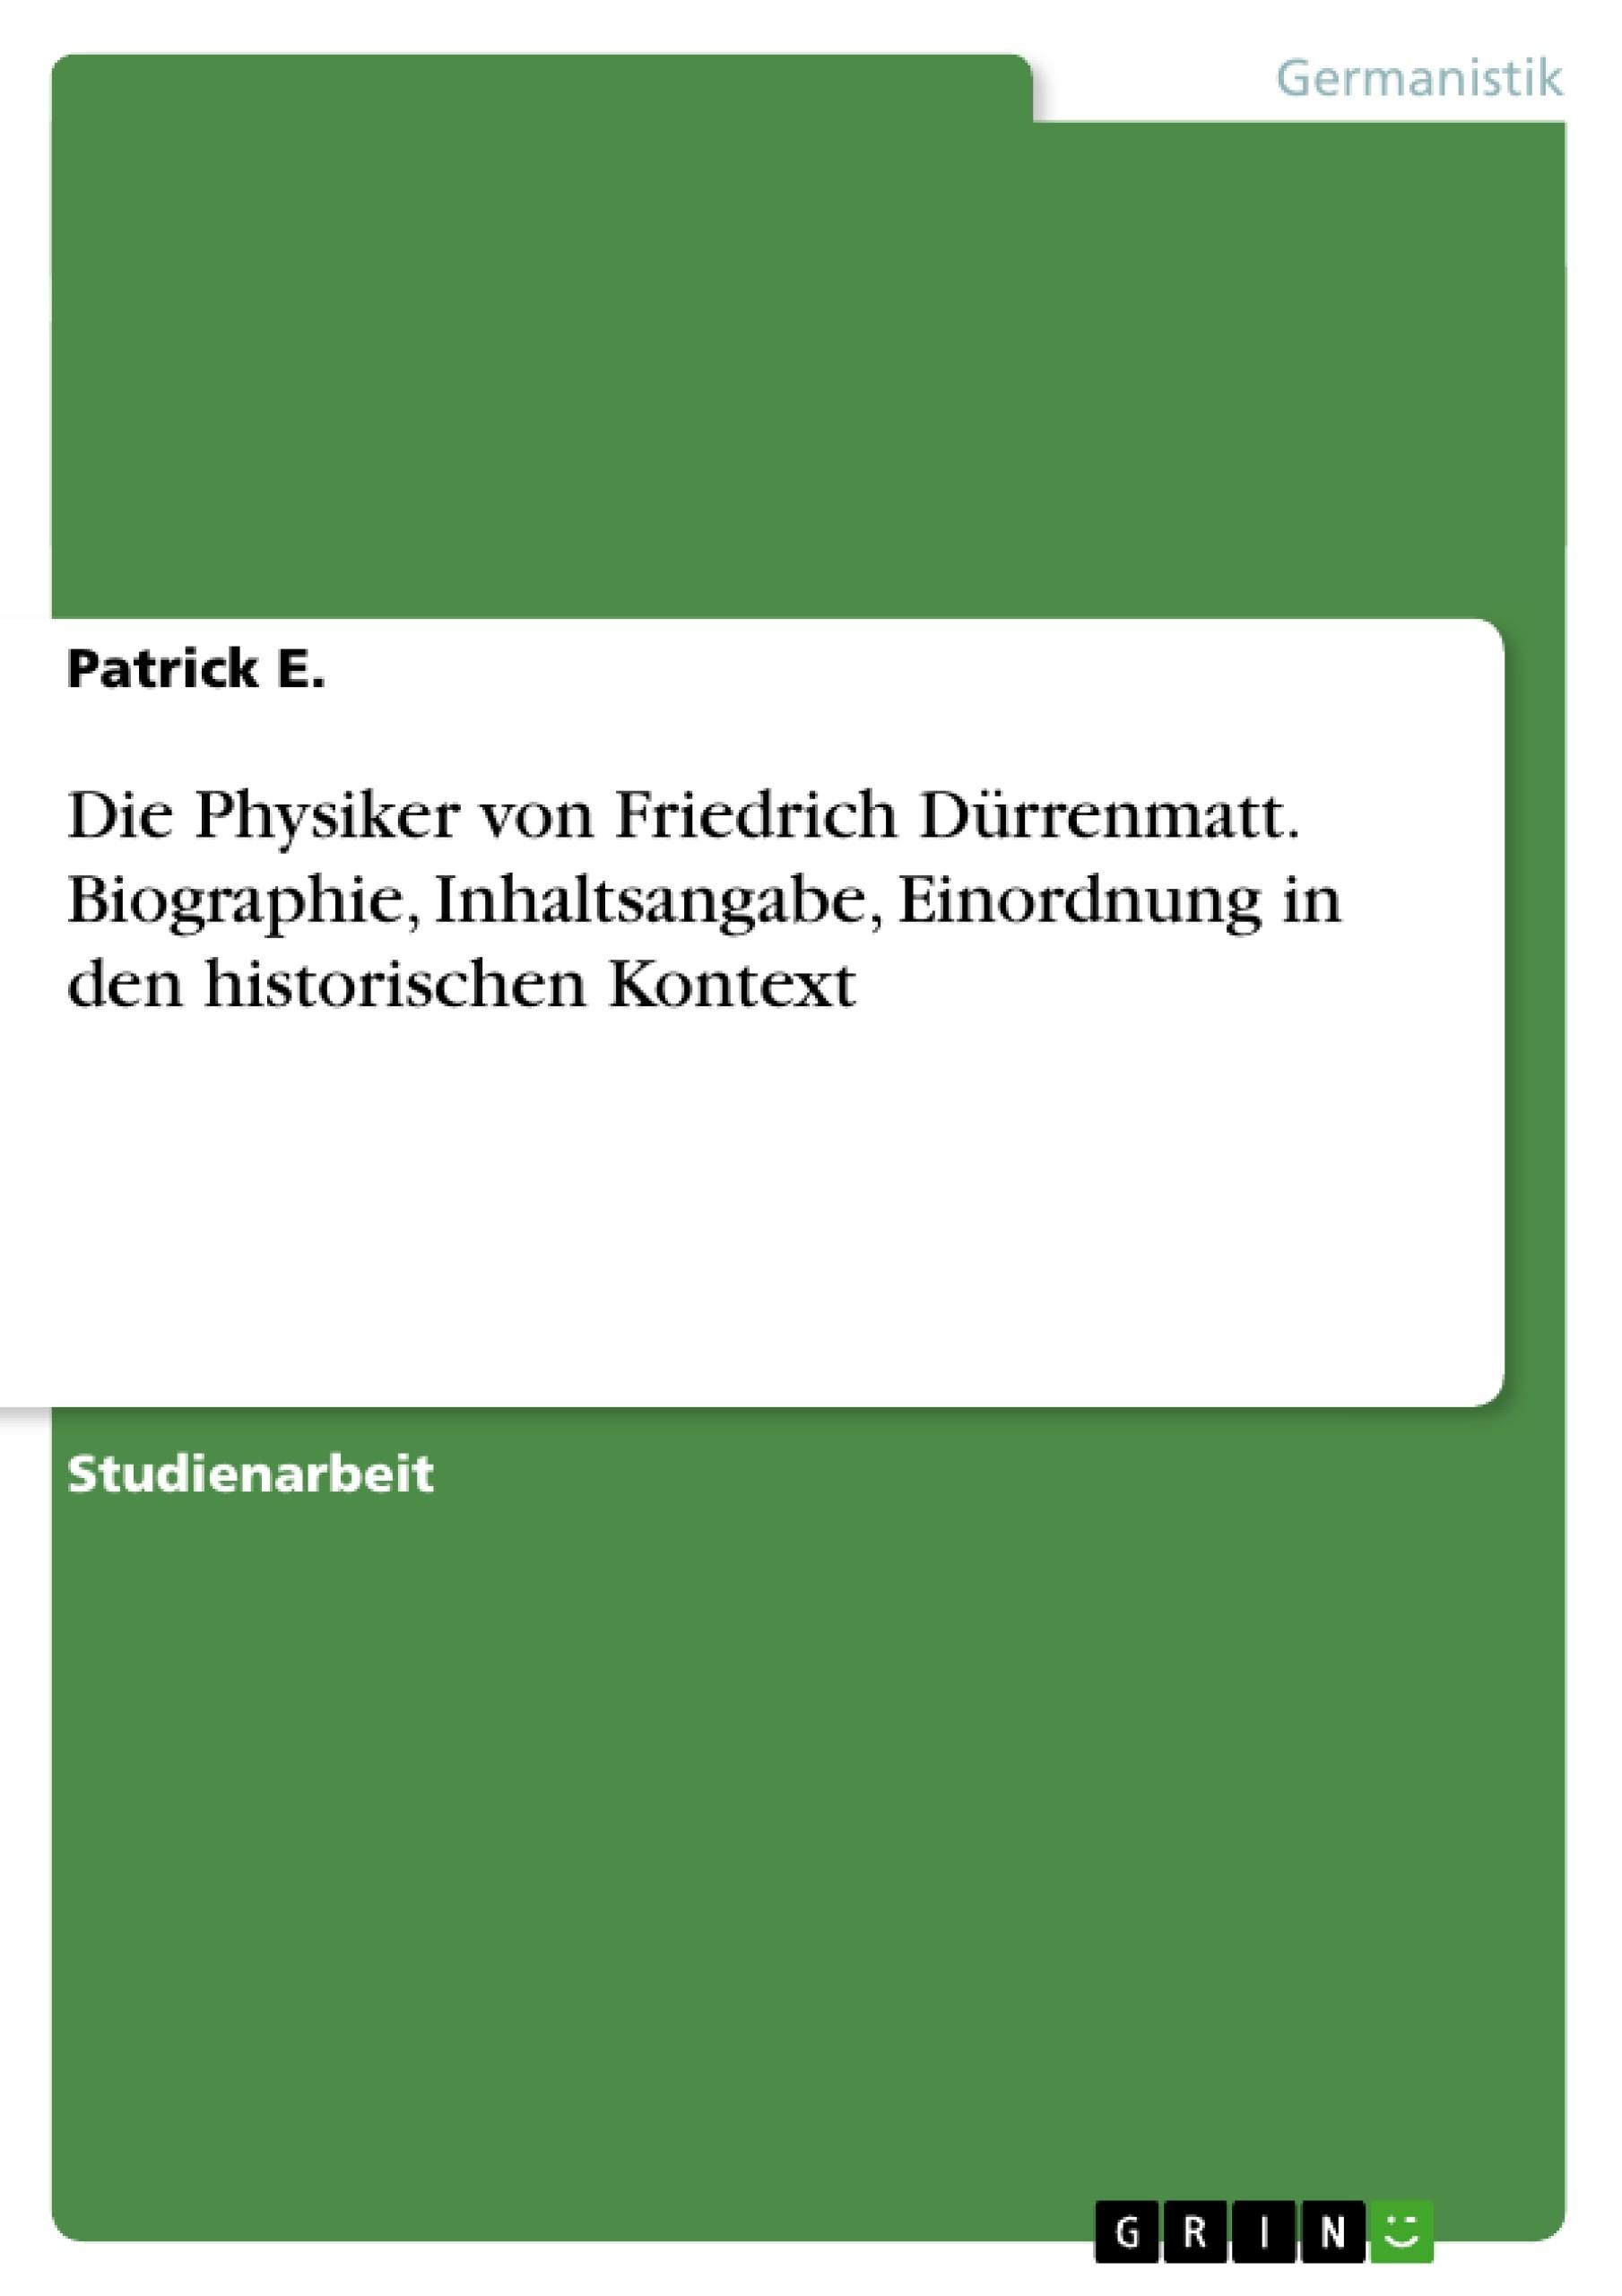 laden sie ihre eigenen arbeiten hoch geld verdienen und iphone x gewinnen - Friedrich Drrenmatt Lebenslauf